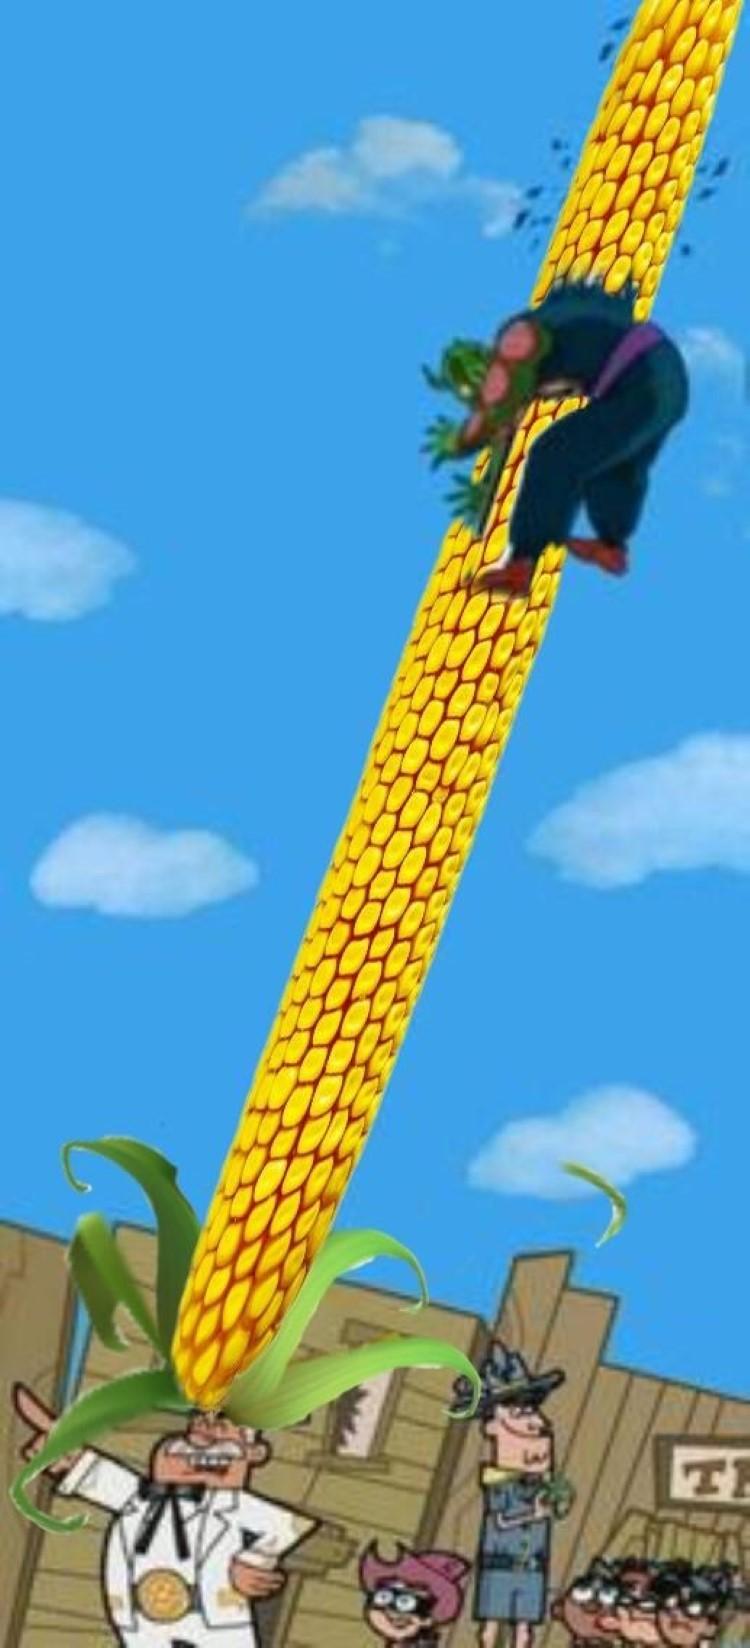 Dimmadome corn meme